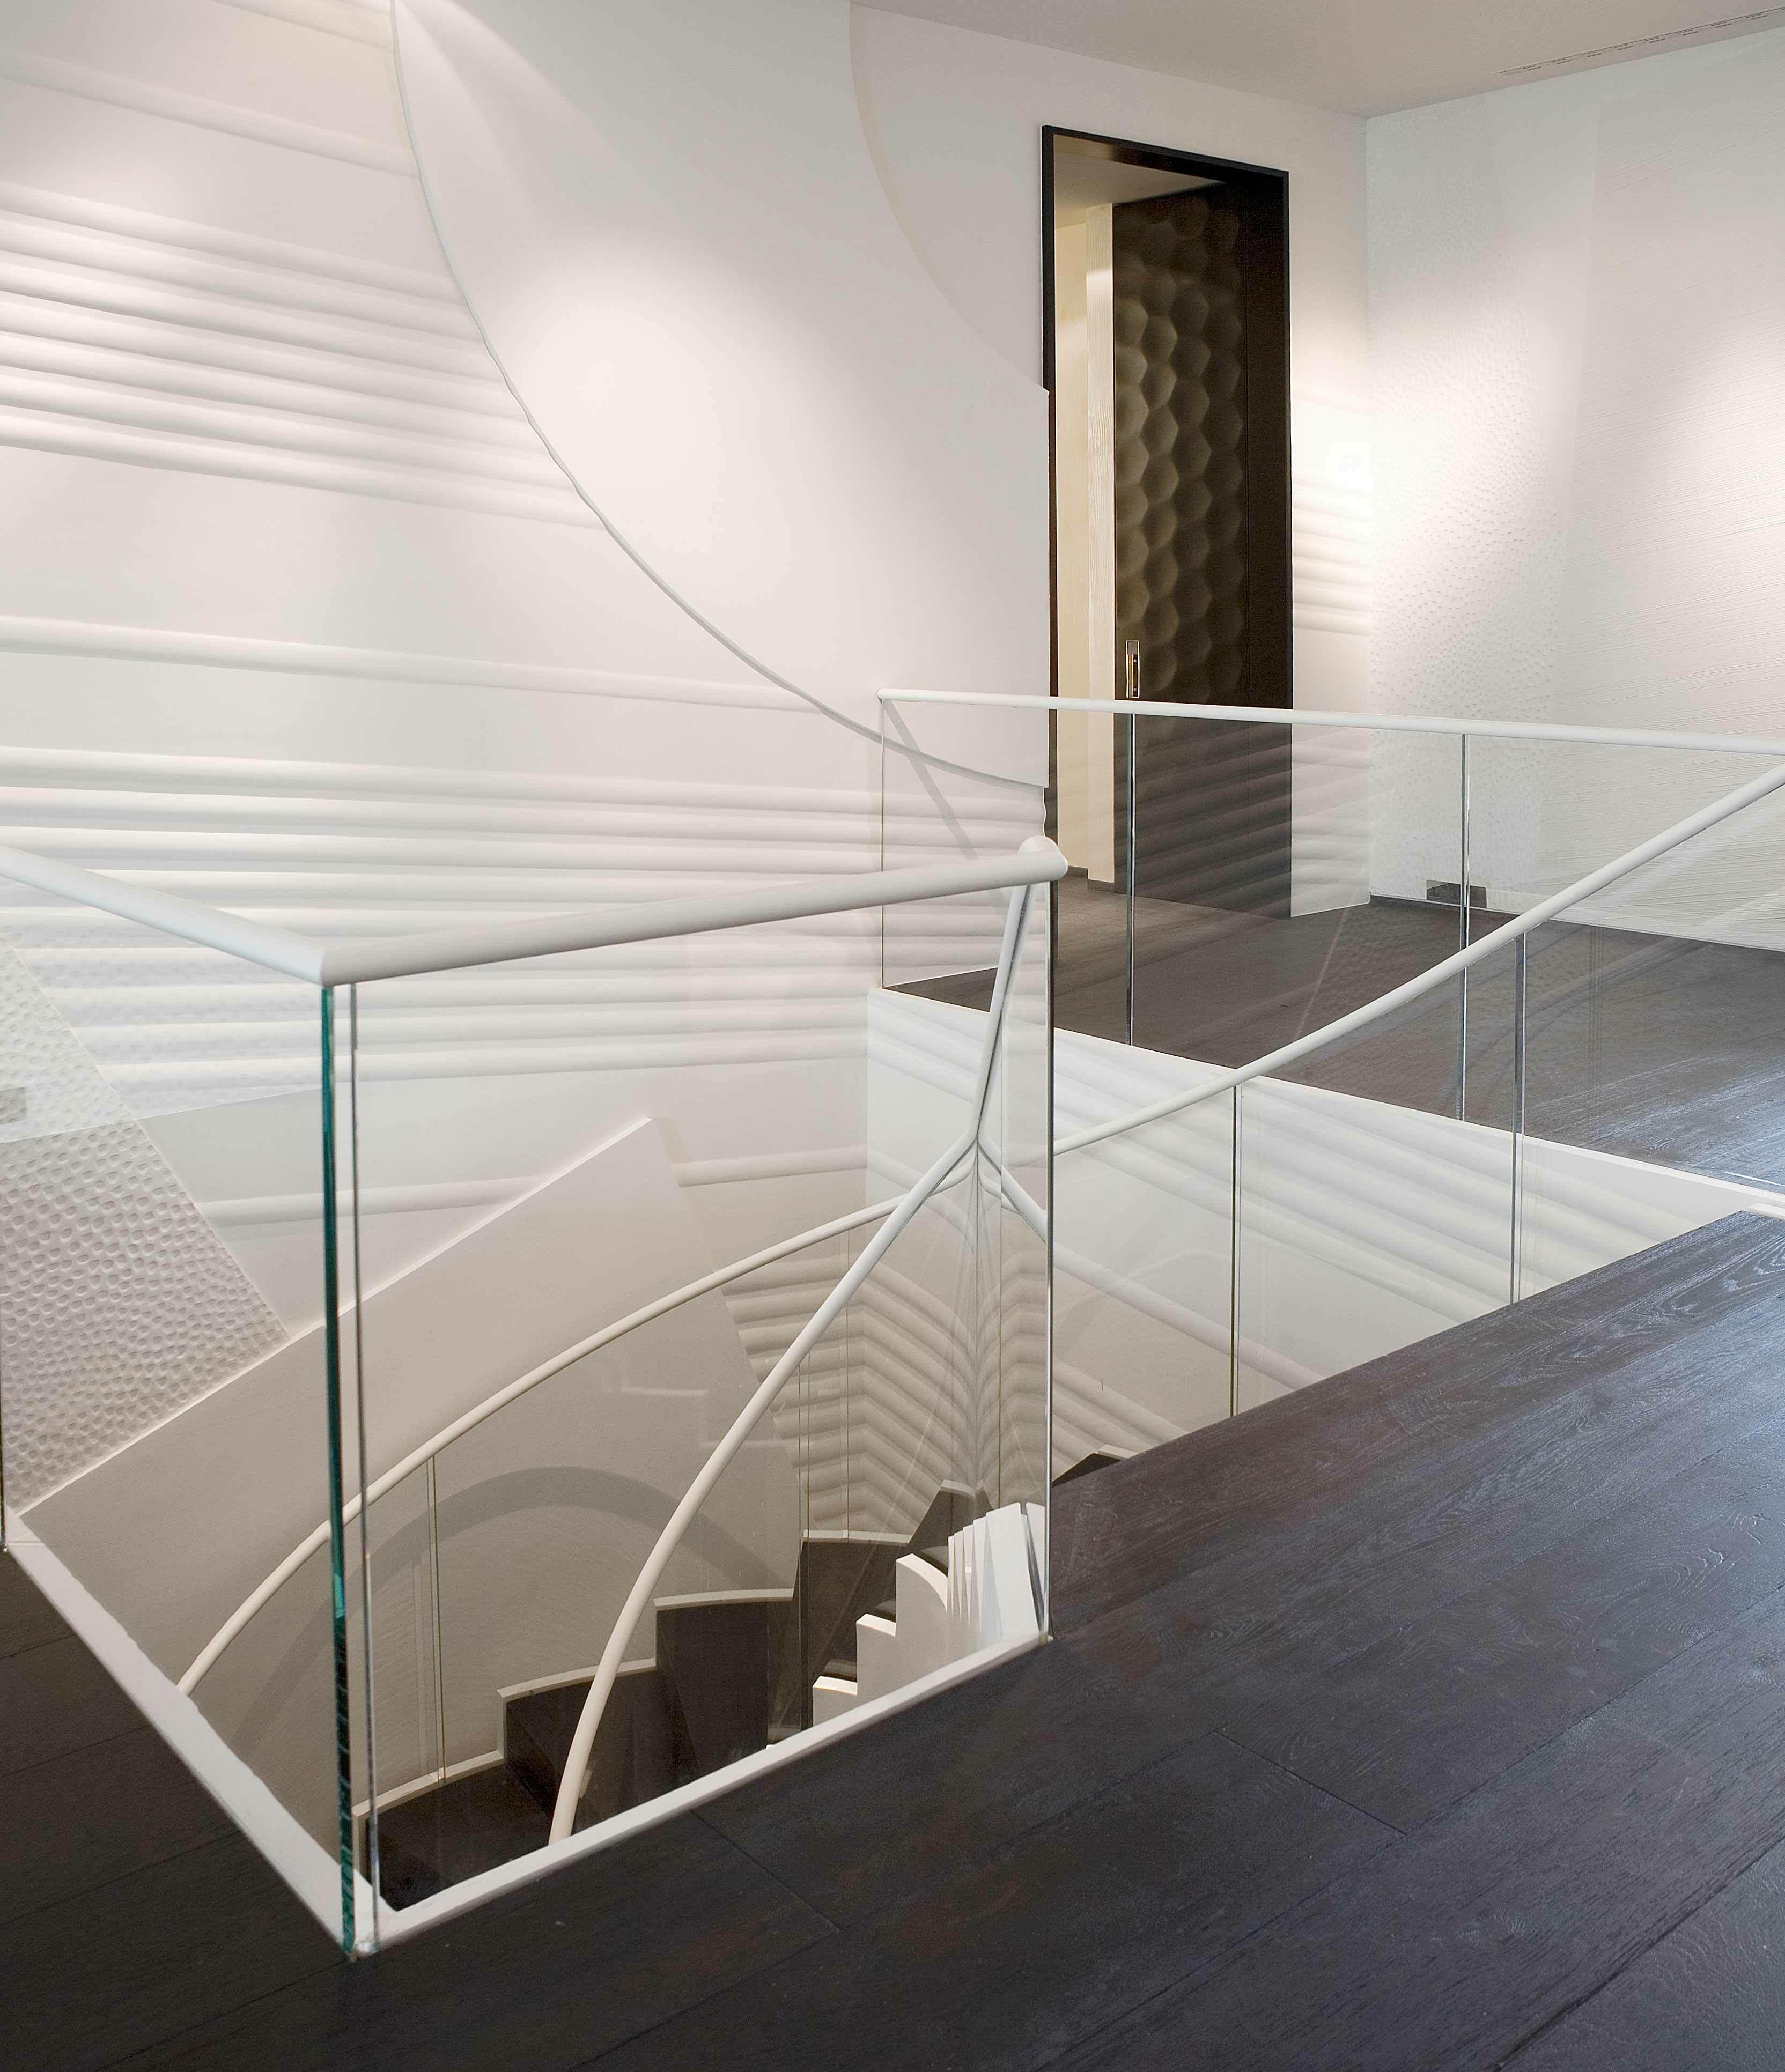 Stairs_3-2021-02-17-160023.jpg